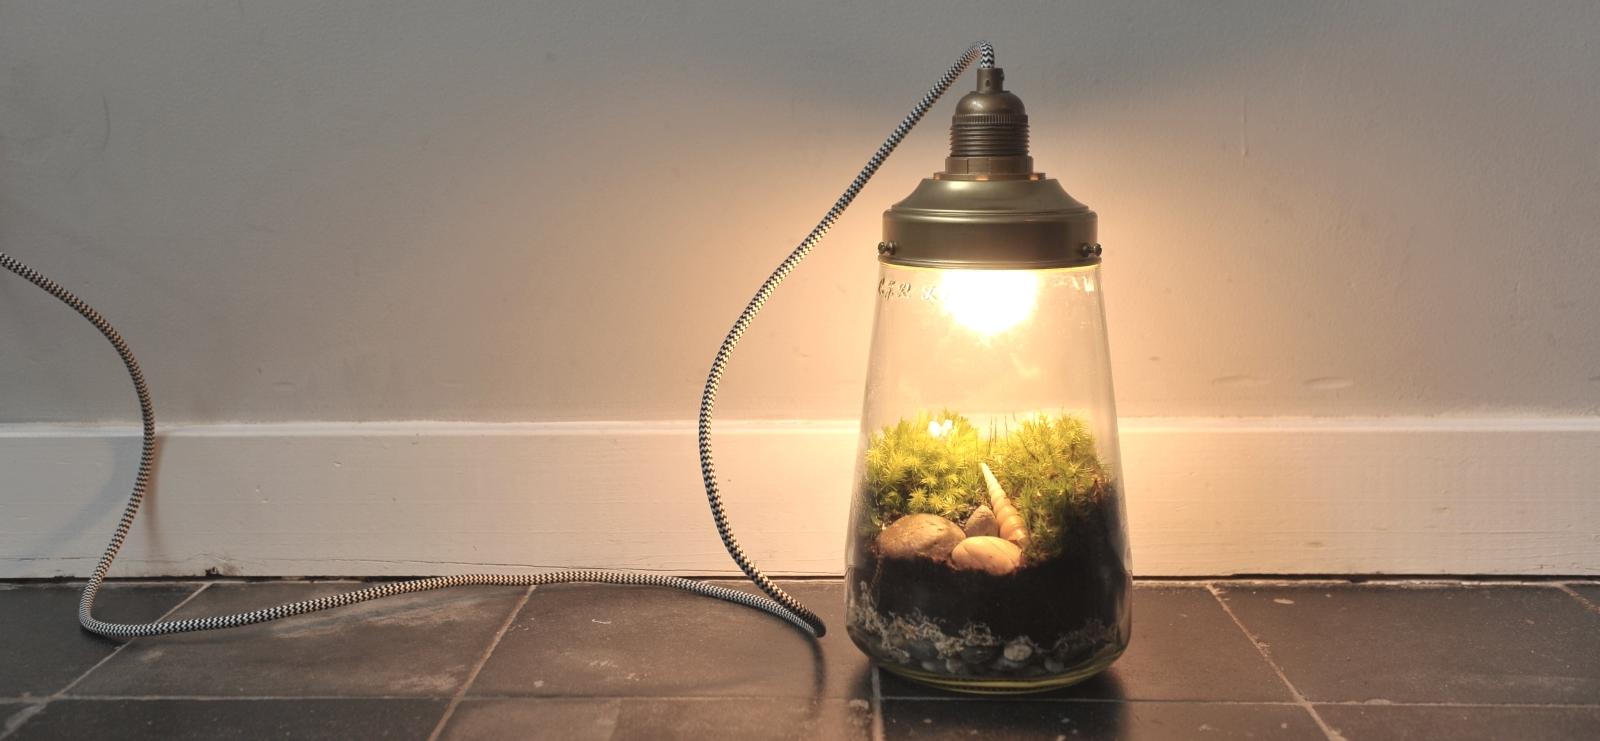 New EENHOORN ECOSYSTEEM LAMP KOPEN | een mini ecosysteem lamp #YA46